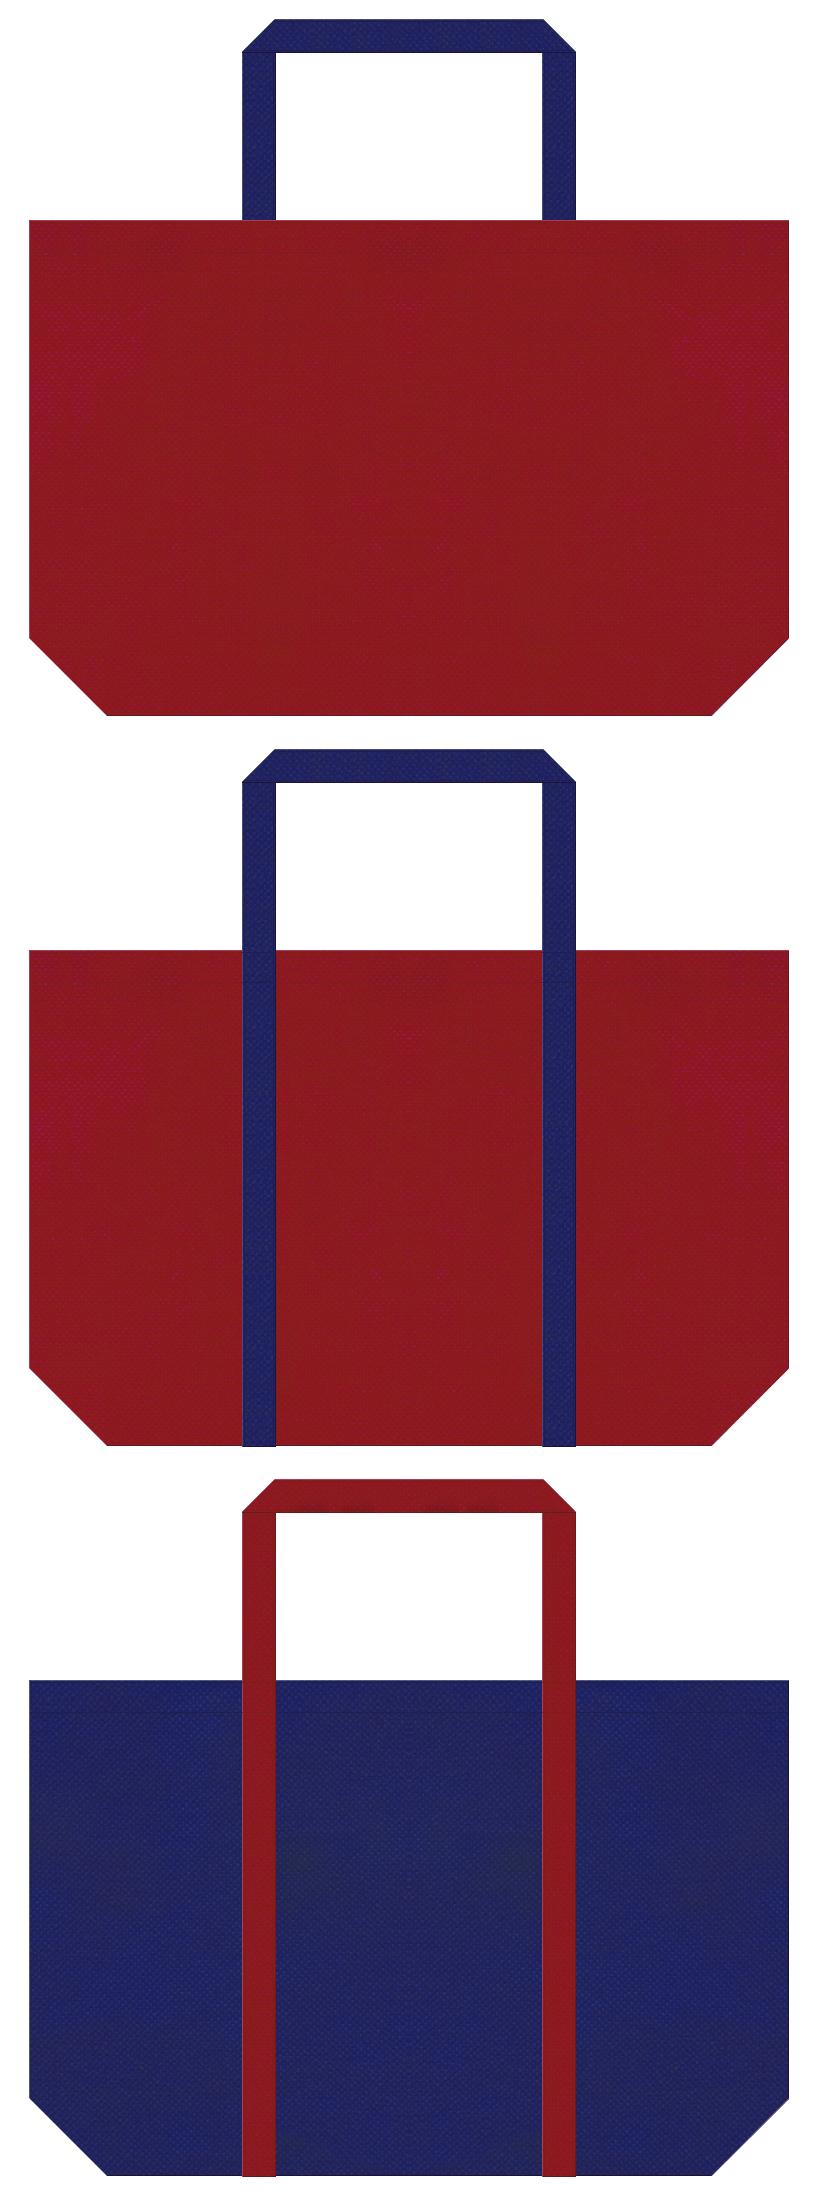 デニム・カジュアル・アウトレット・カジュアル衣料のショッピングバッグにお奨め:エンジ色と明るい紺色の不織布ショッピングバッグのデザイン